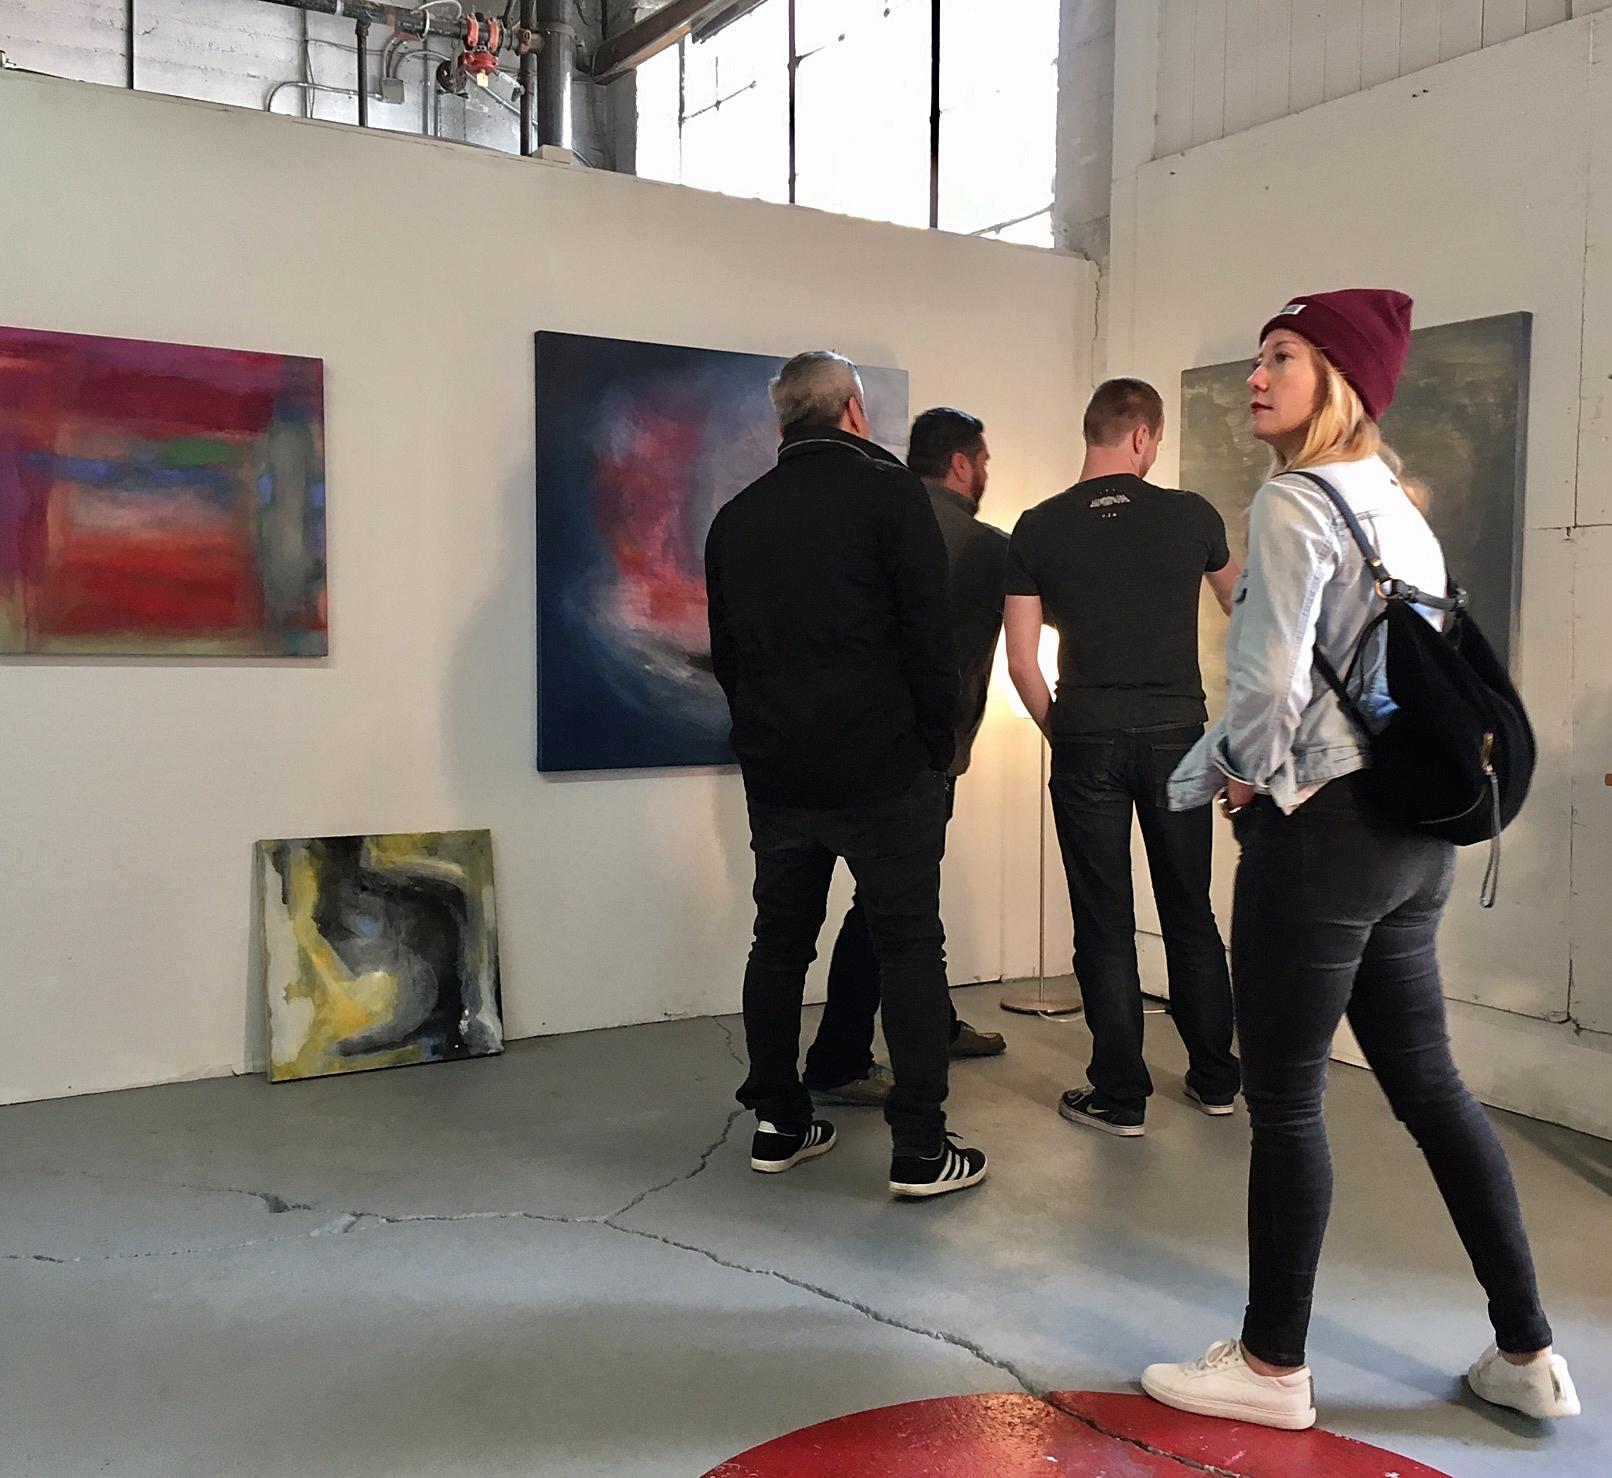 Artspan Citywide Open Studios (New studio on the first floor) – November 5, 2016